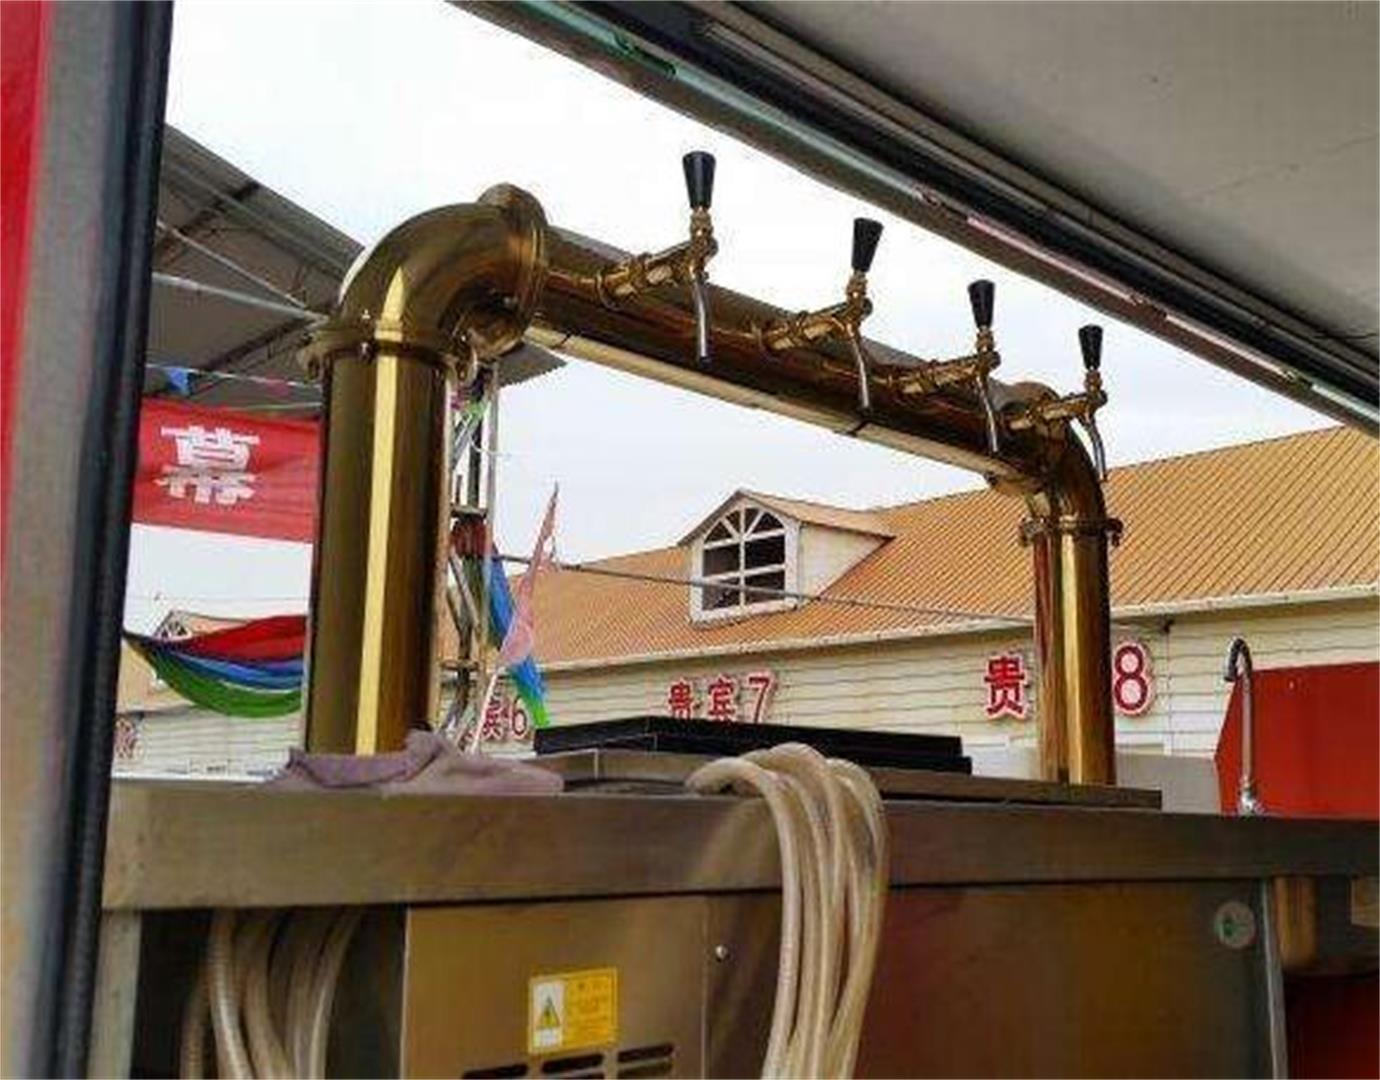 啤酒设备酿造的啤酒硅元素可强健骨骼